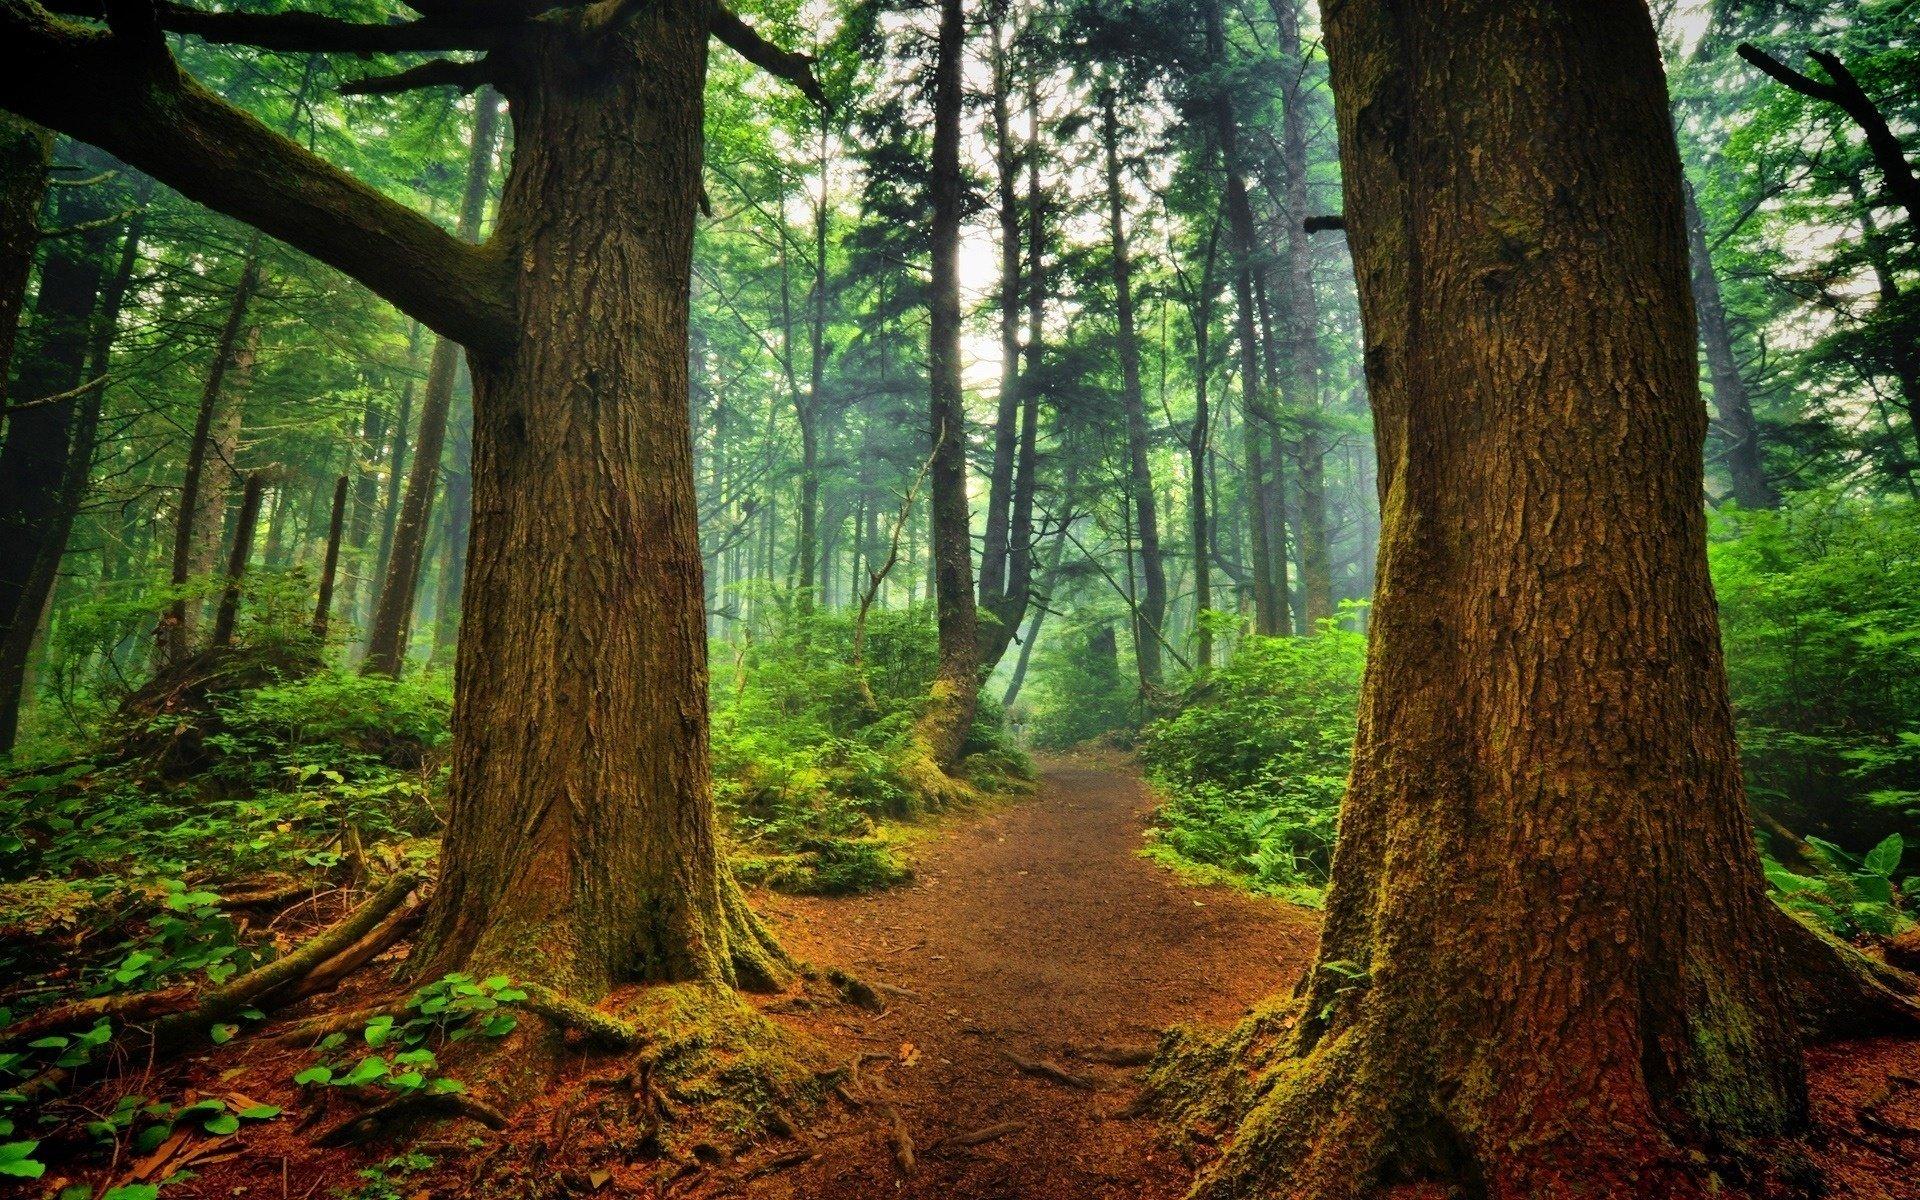 фотографии леса для печати хочется